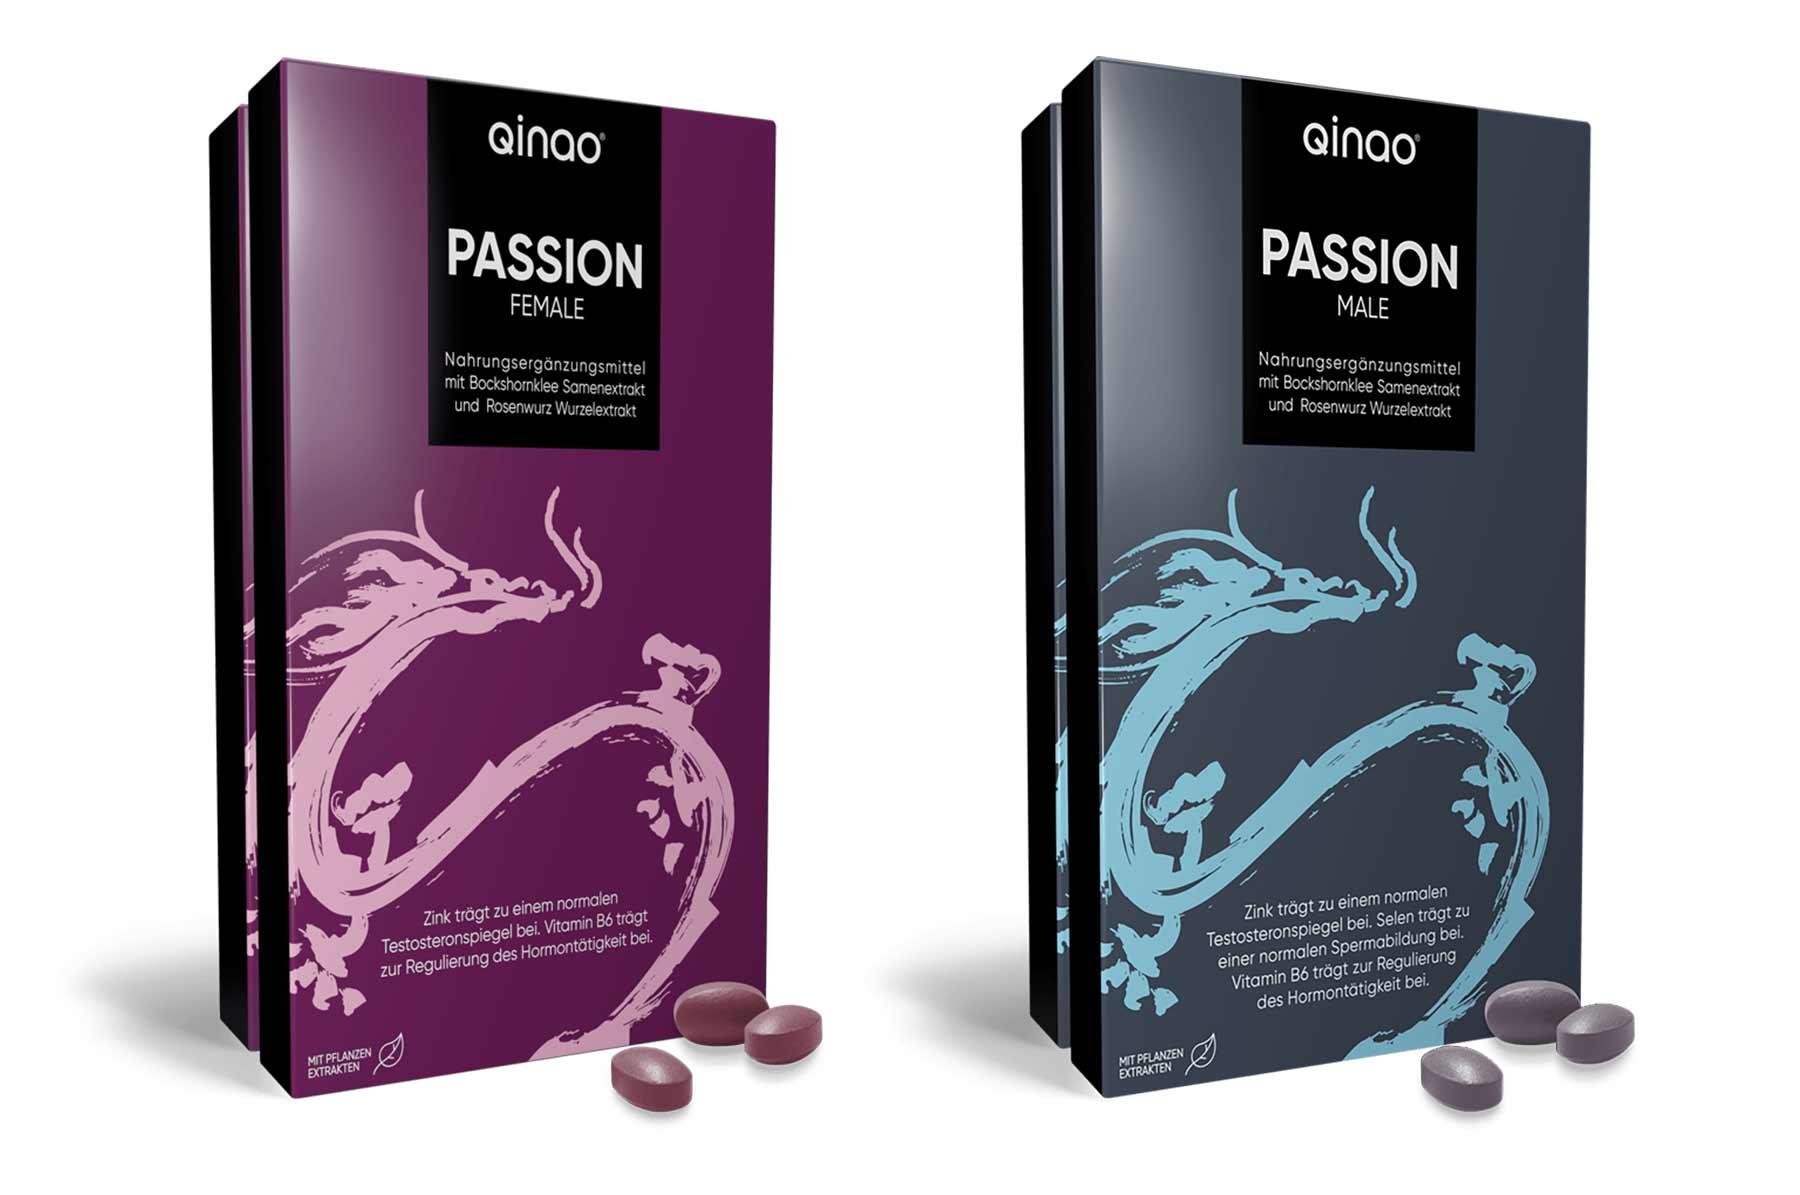 Qinao® PASSION: Dragees zur Steigerung des Lustempfindens (20%-Gutscheincode!) Qinao-Passion_lustempfinden-steigern_02